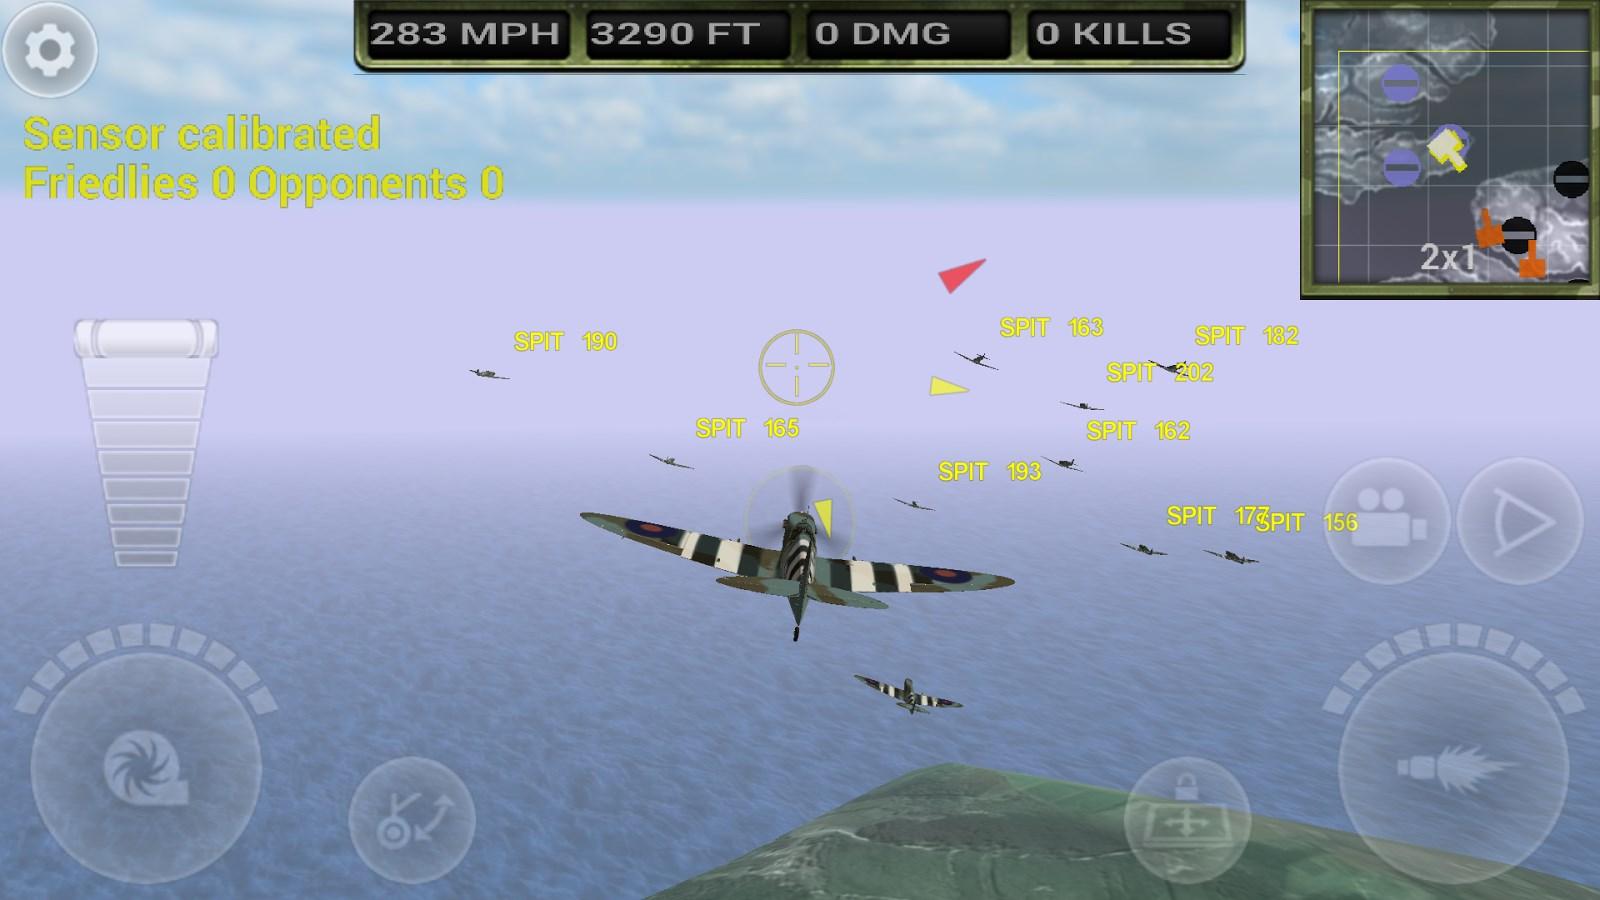 FighterWing 2 Flight Simulator - Imagem 1 do software